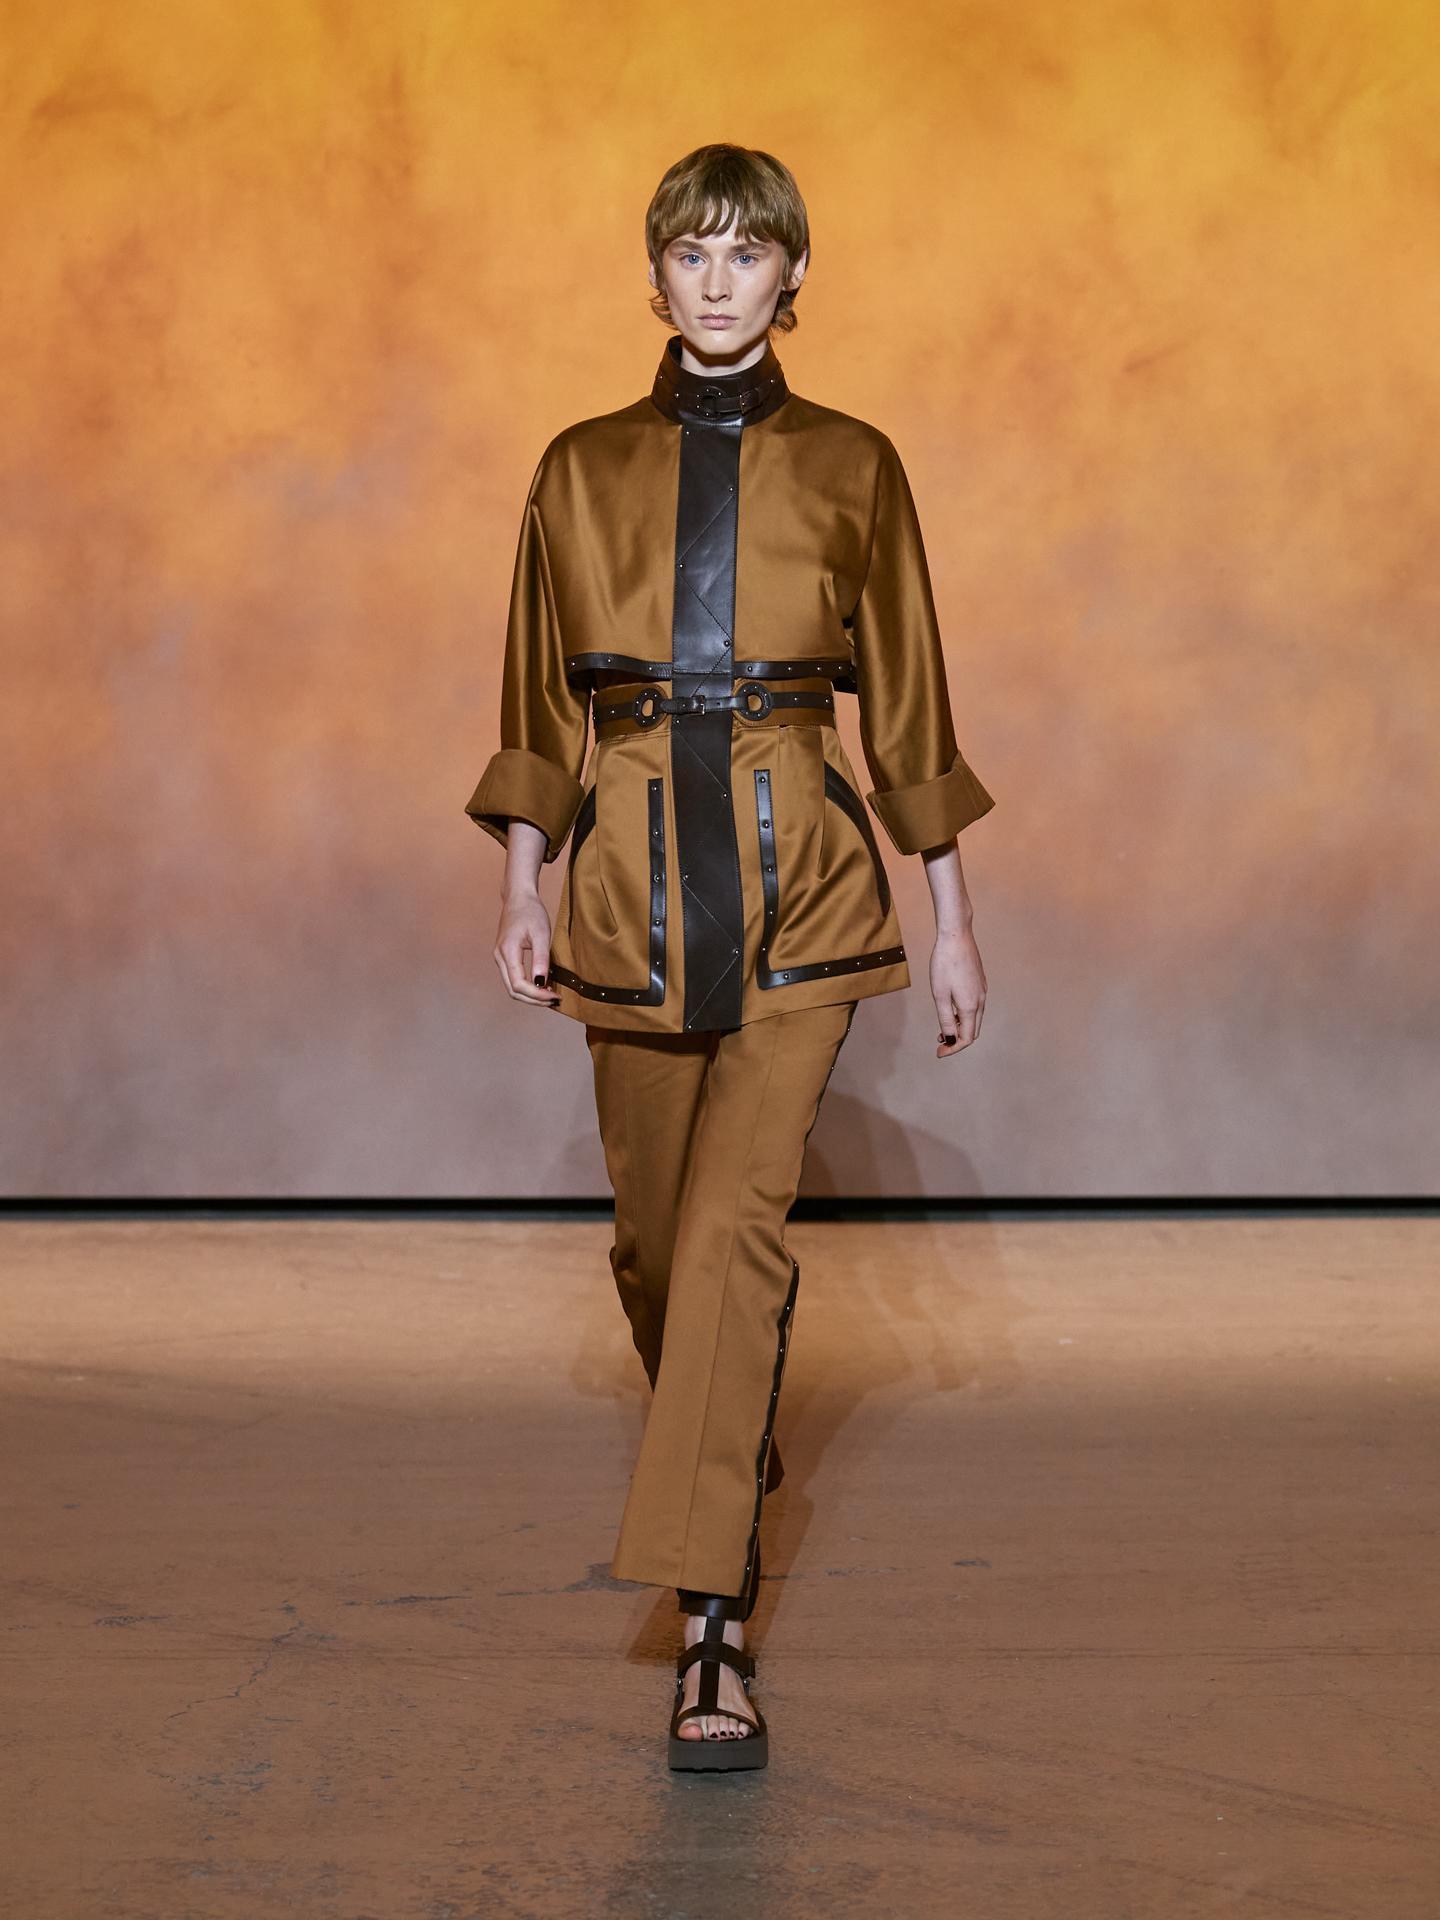 Giám đốc nghệ thuật Nadège Vanhee-Cybulski giới thiệu áo mẫi parka, nhấn nhá đinh tán ngọc trai cao cấp - chi tiết quen thuộc trên túi Hermès. Các đường vân da chạy khắp trang phục tạo điểm nhấn phong cách.